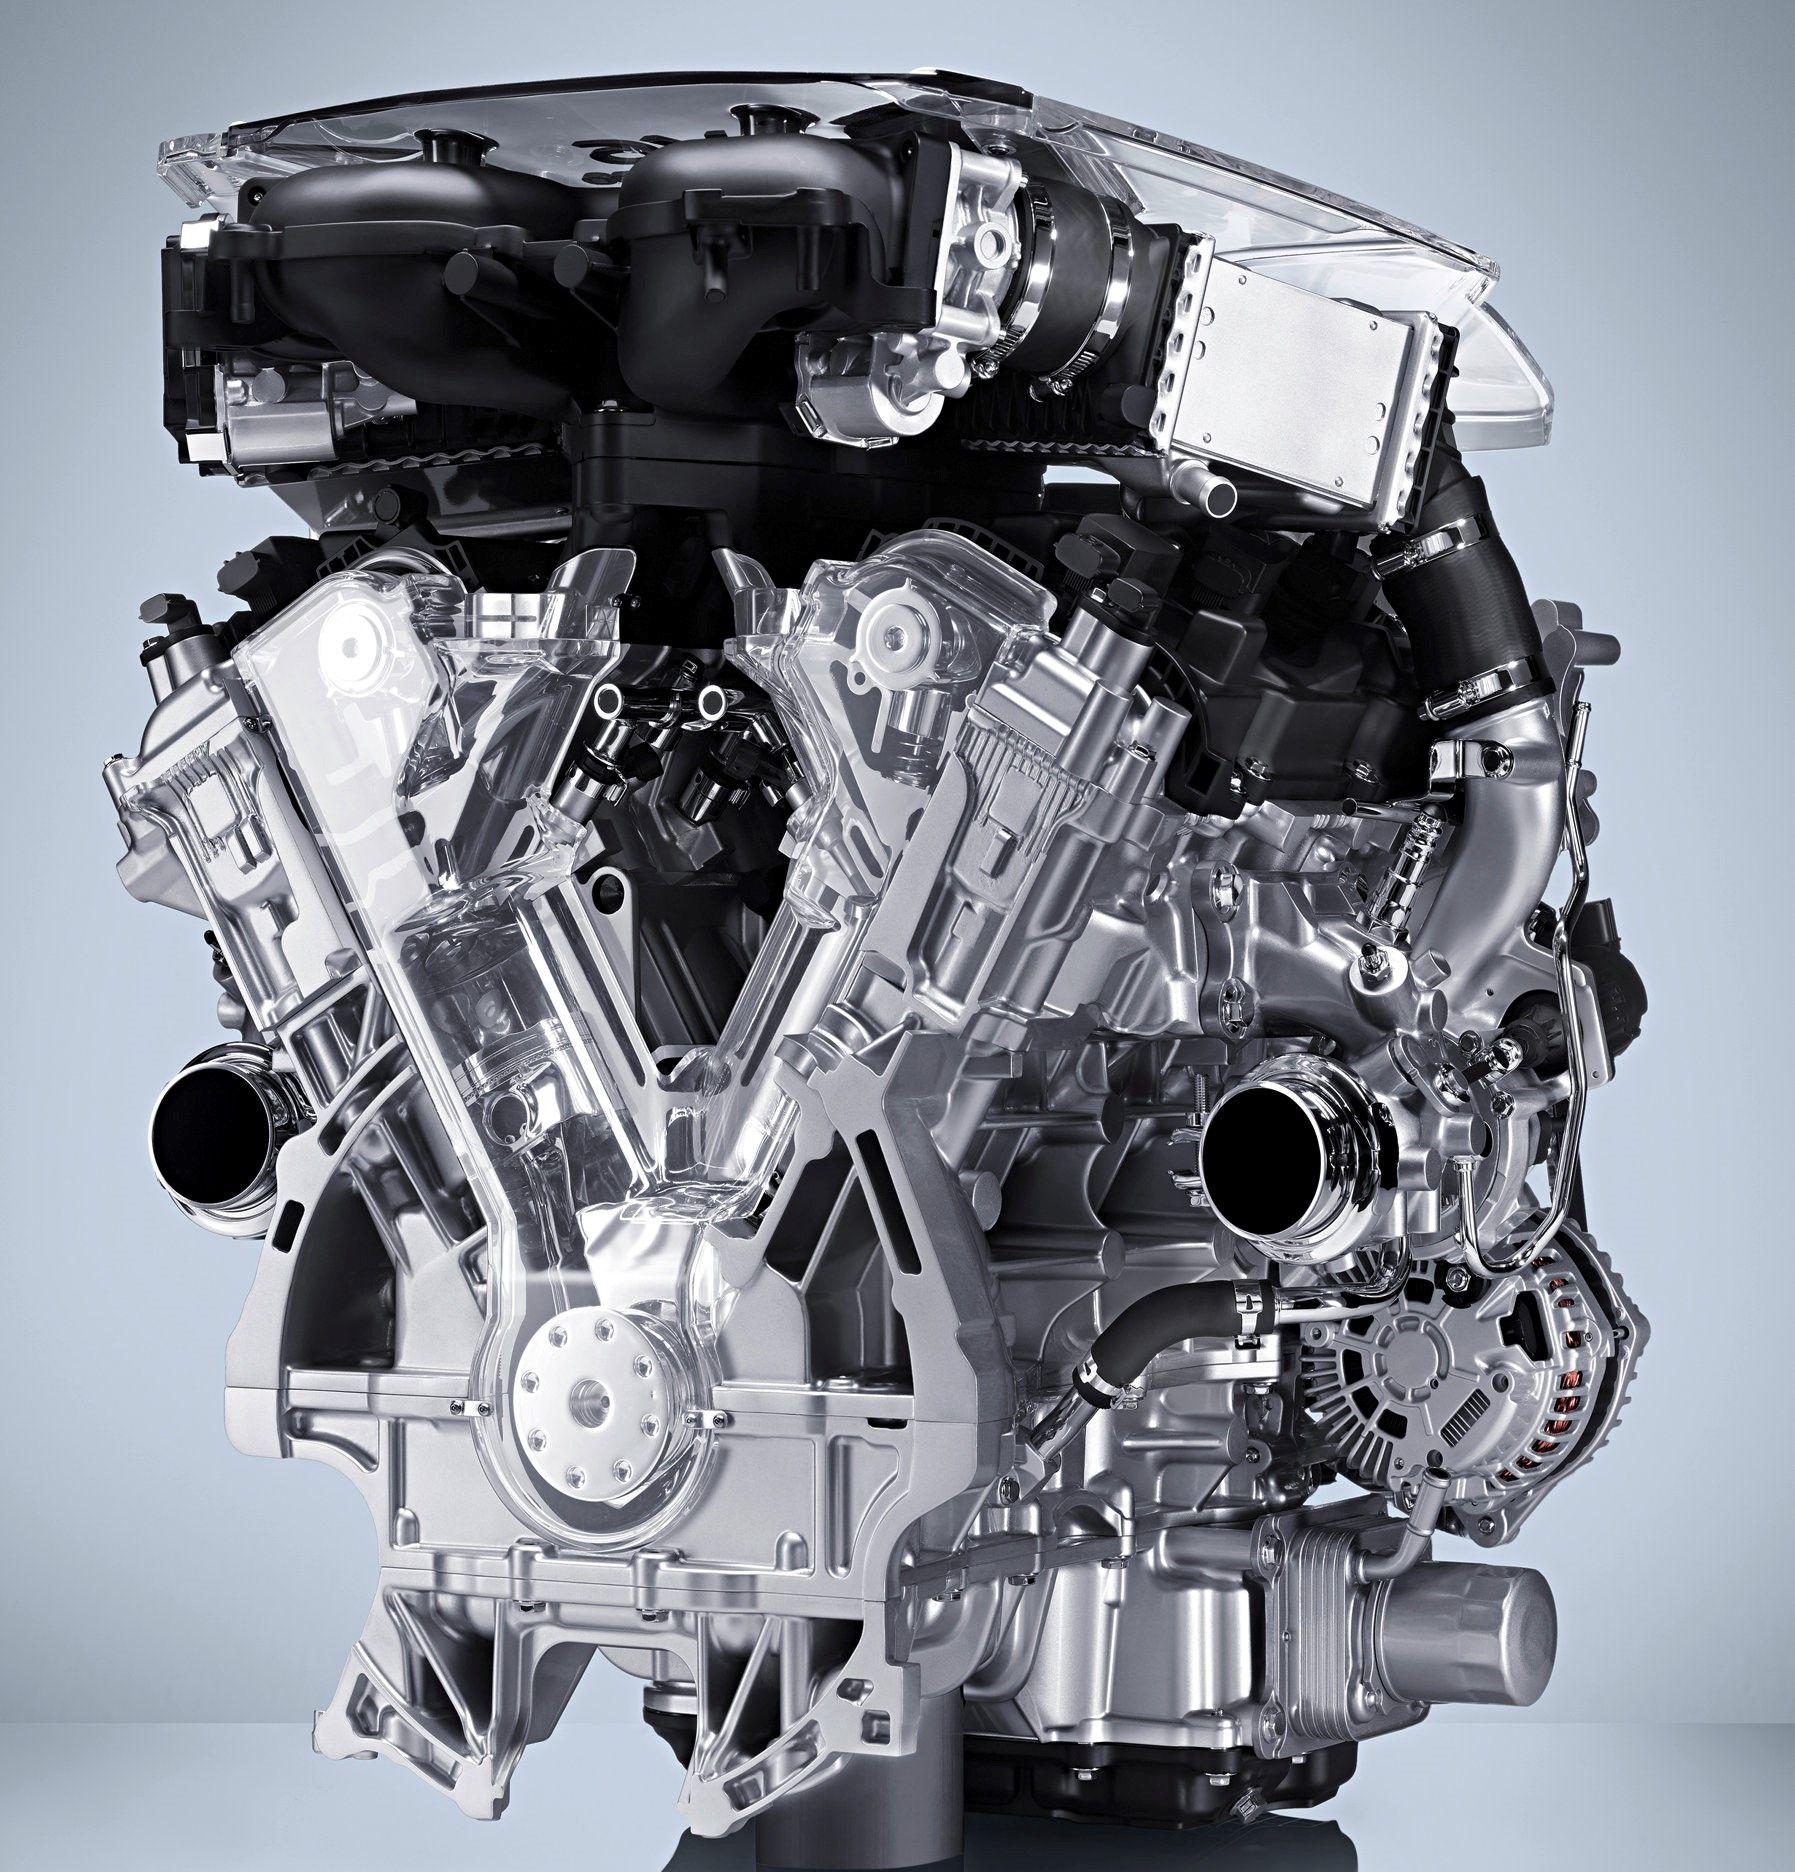 3 0 L Engine: 2017 Infiniti VR30DDTT 3.0-liter V6 Twin-turbo Engine